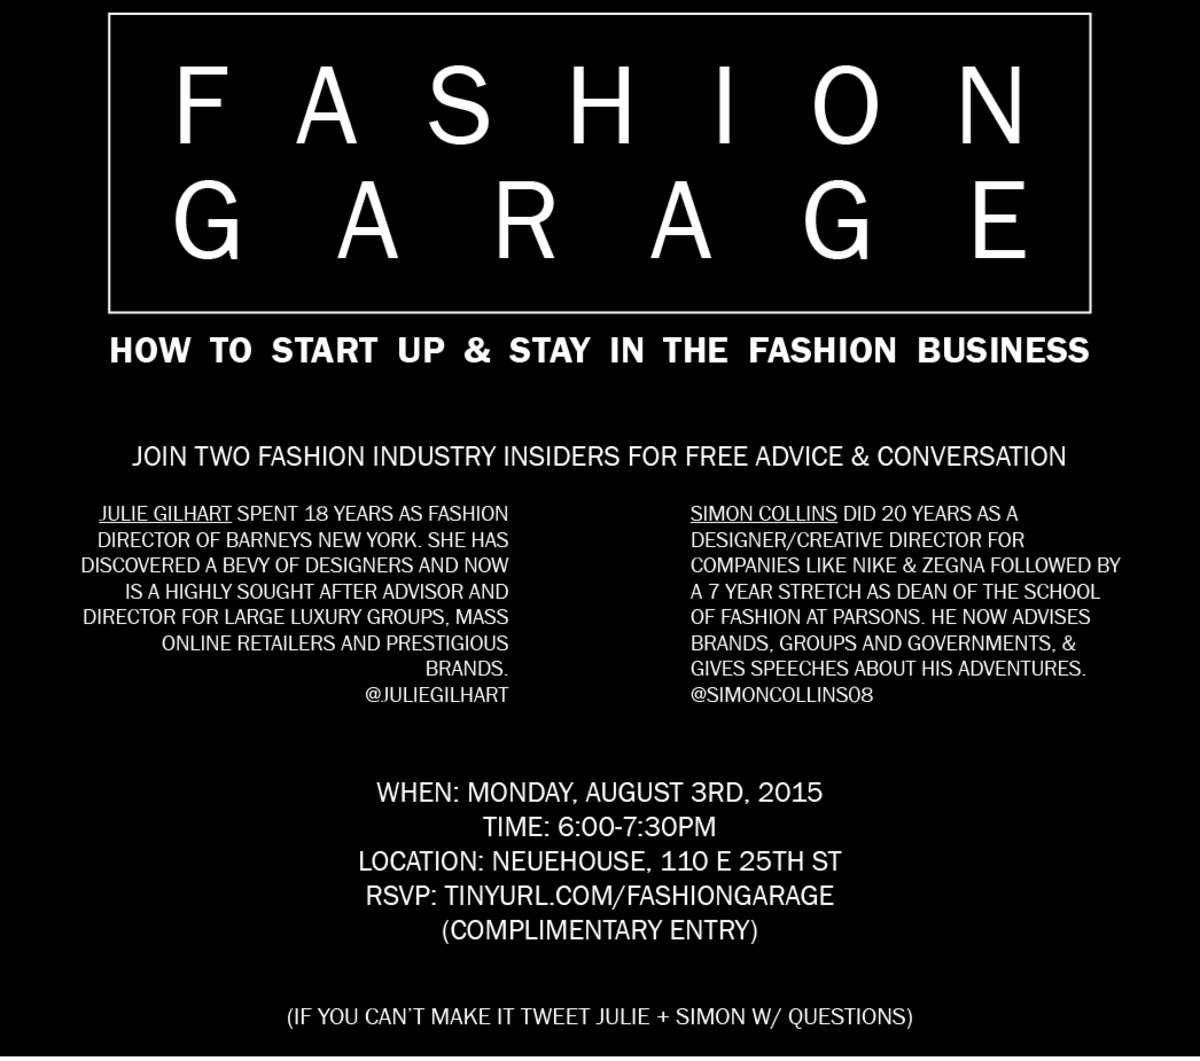 Image: Fashion Garage